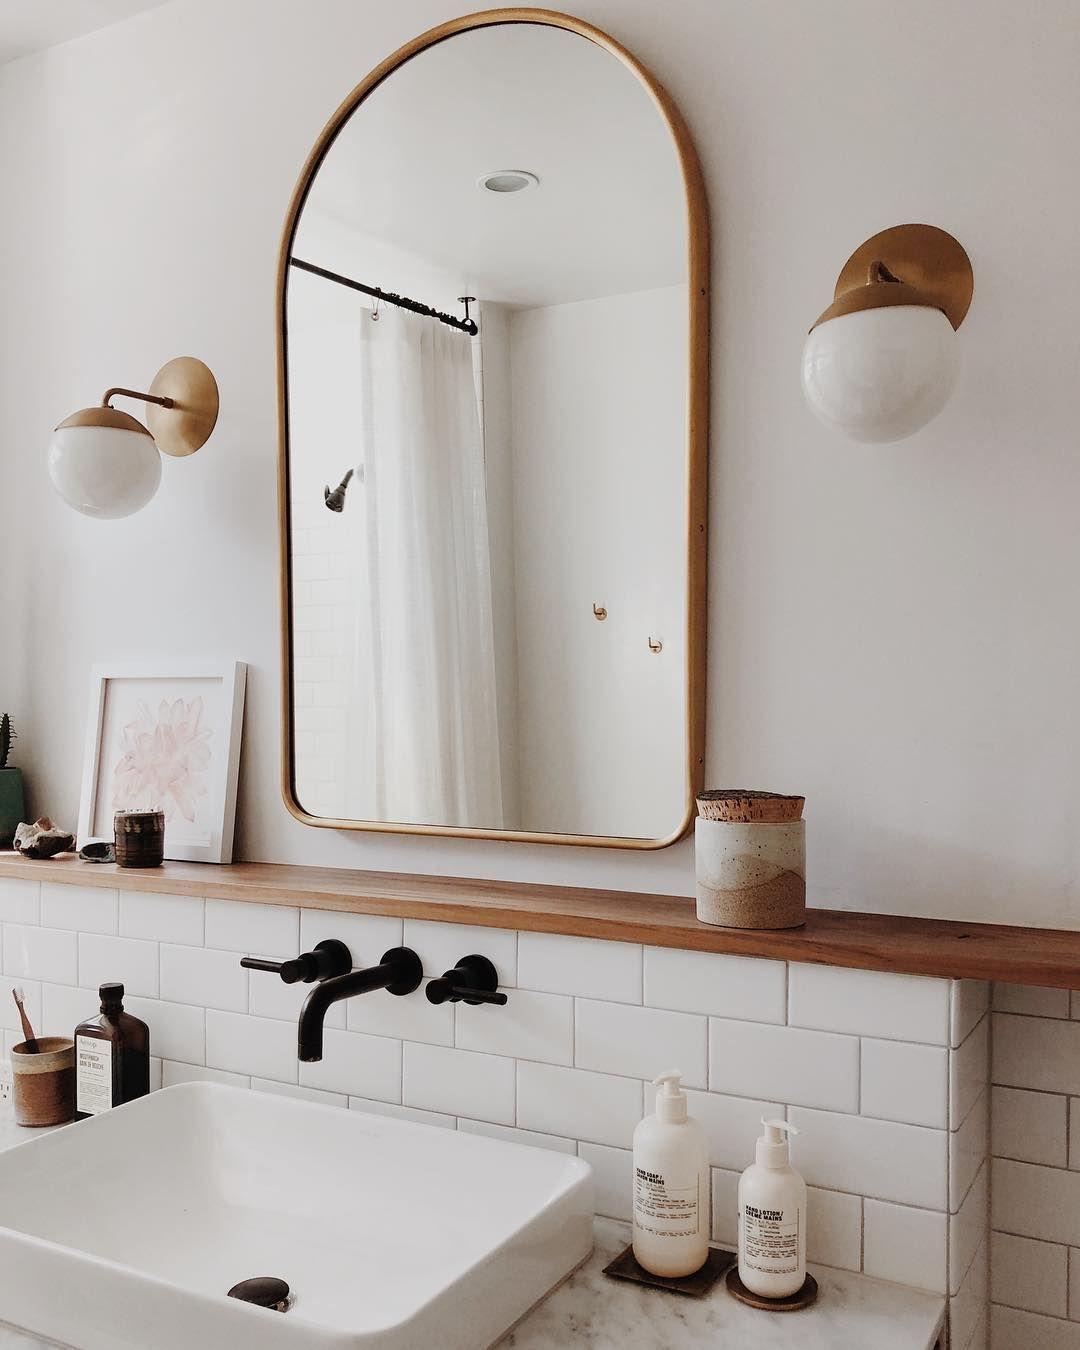 Lampen Badezimmer Innenausstattung Bad Inspiration Badezimmer Renovieren